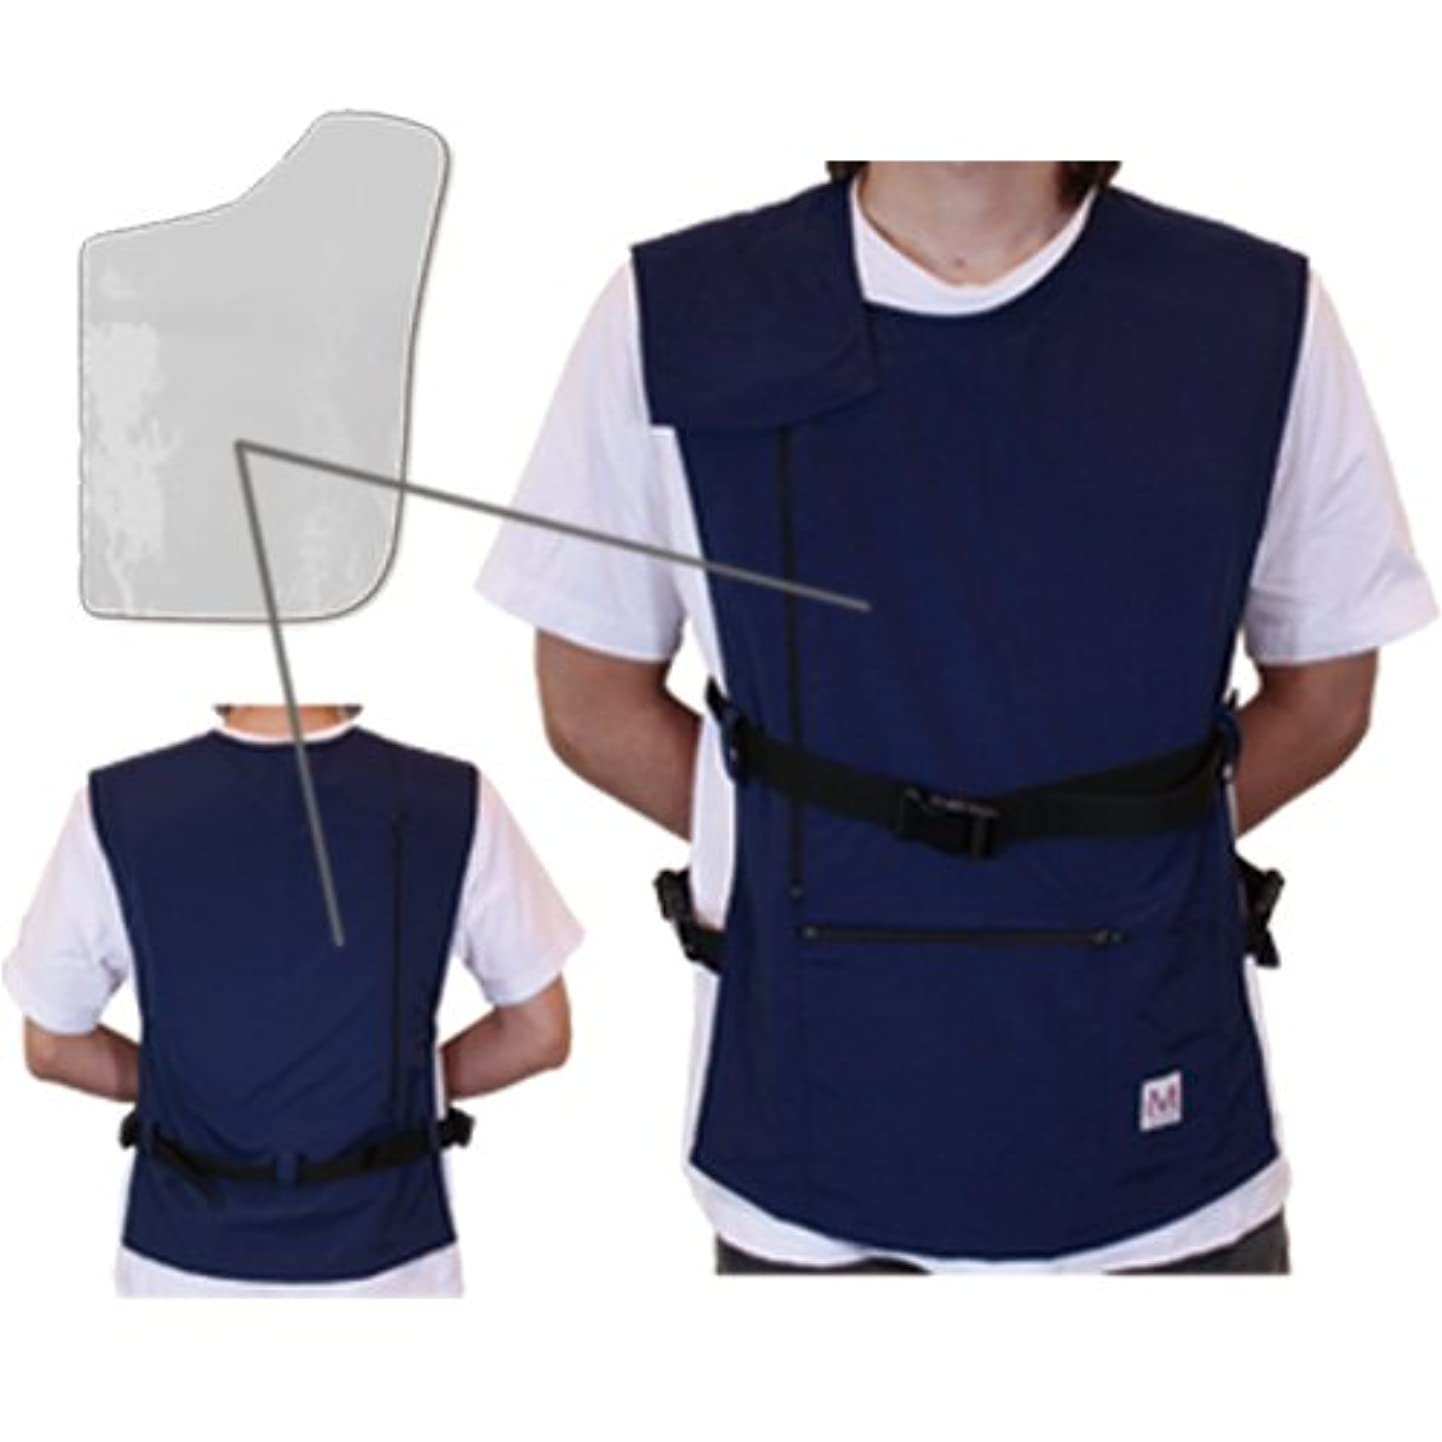 伸ばす降雨散文ペースメーカ?ICD電磁波防護服「MGワークベスト左胸用(カーキー)2年間品質保証